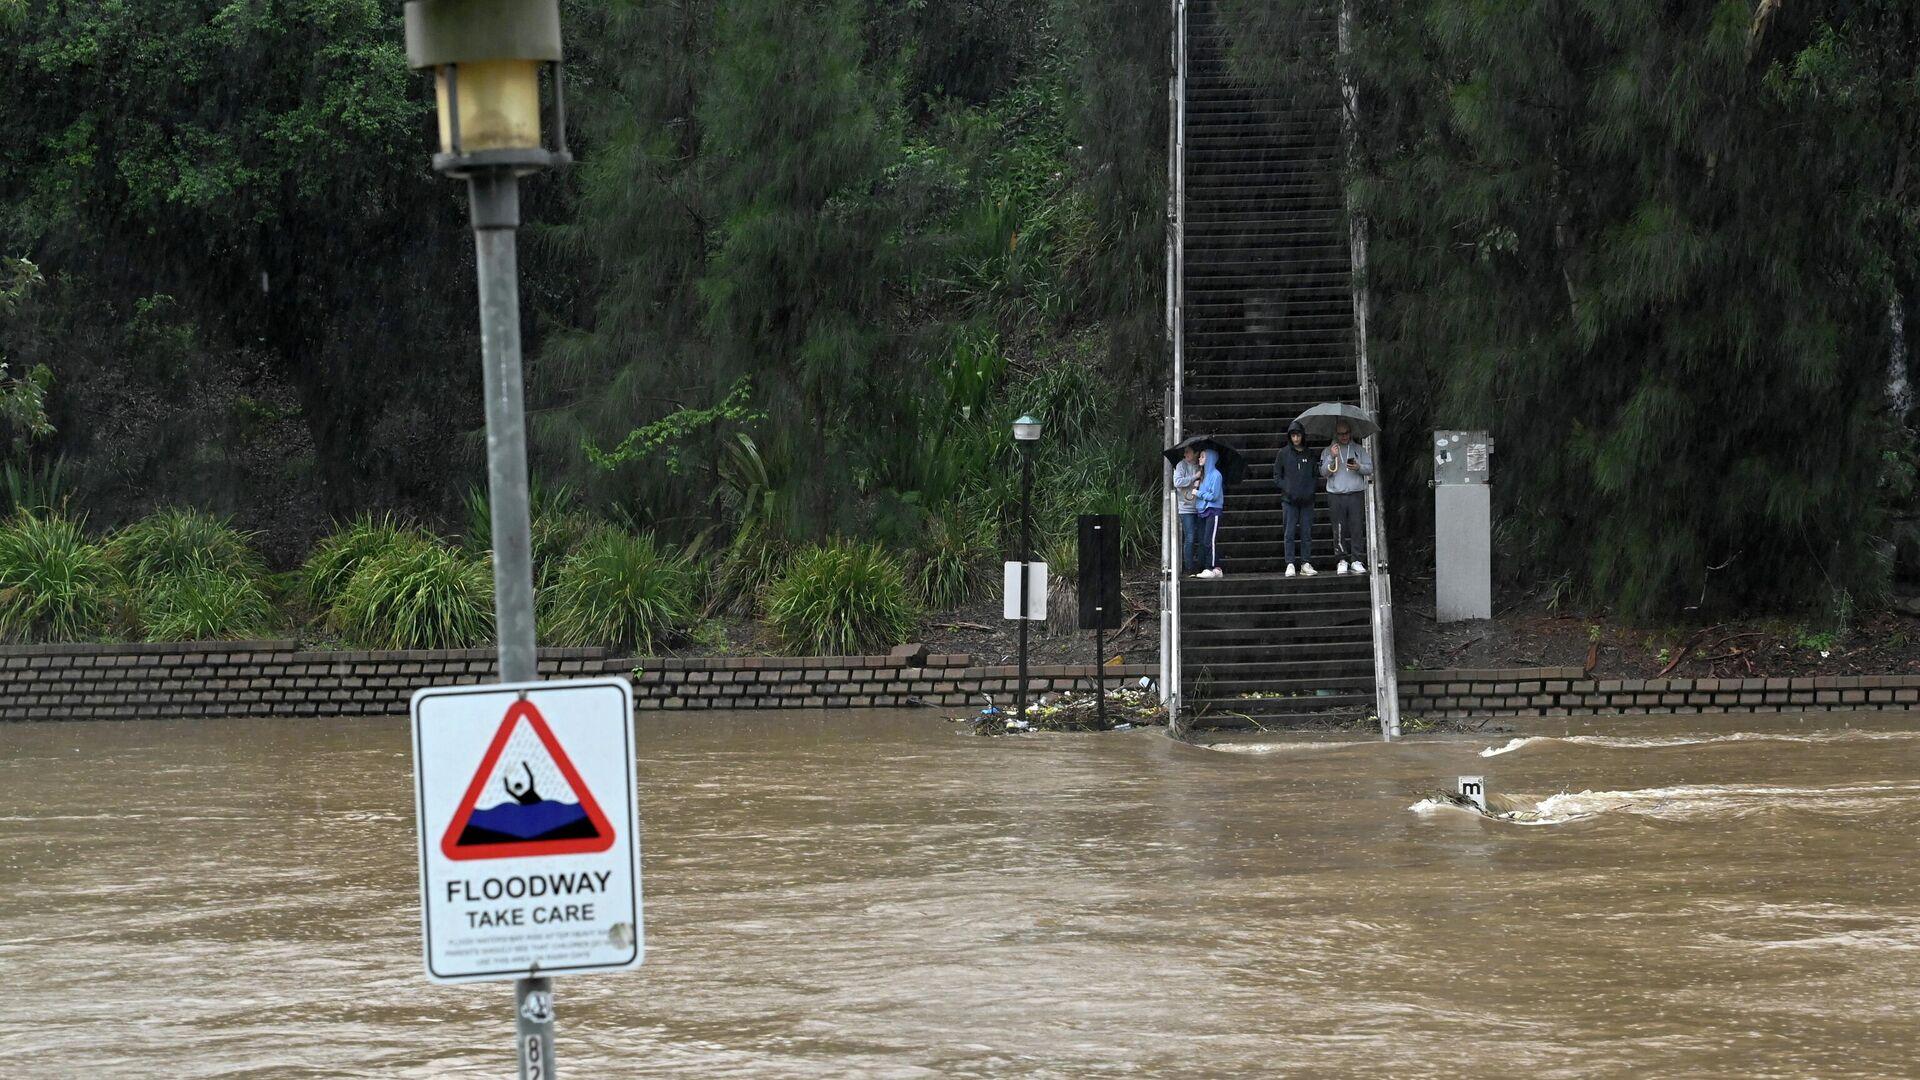 Inundación provocada por fuertes lluvias en Australia, el 20 de marzo de 2021 - Sputnik Mundo, 1920, 20.03.2021